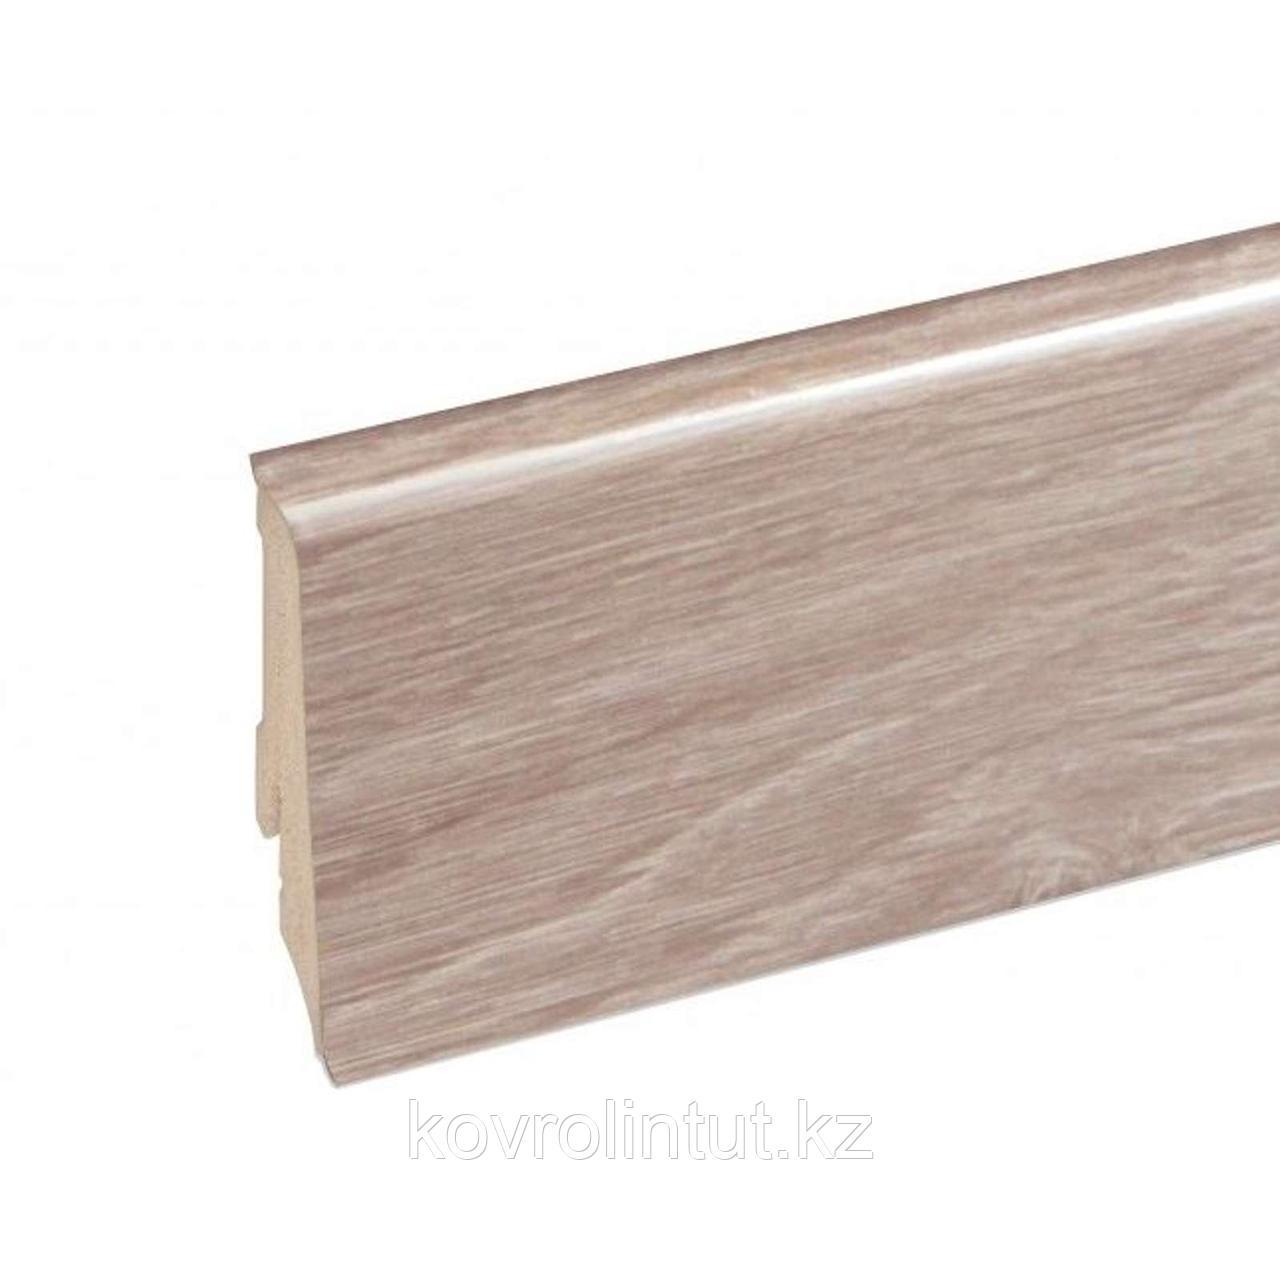 Плинтус композитный для LVT Neuhofer Holz, K0210L, 714489, 2400х59х17 мм